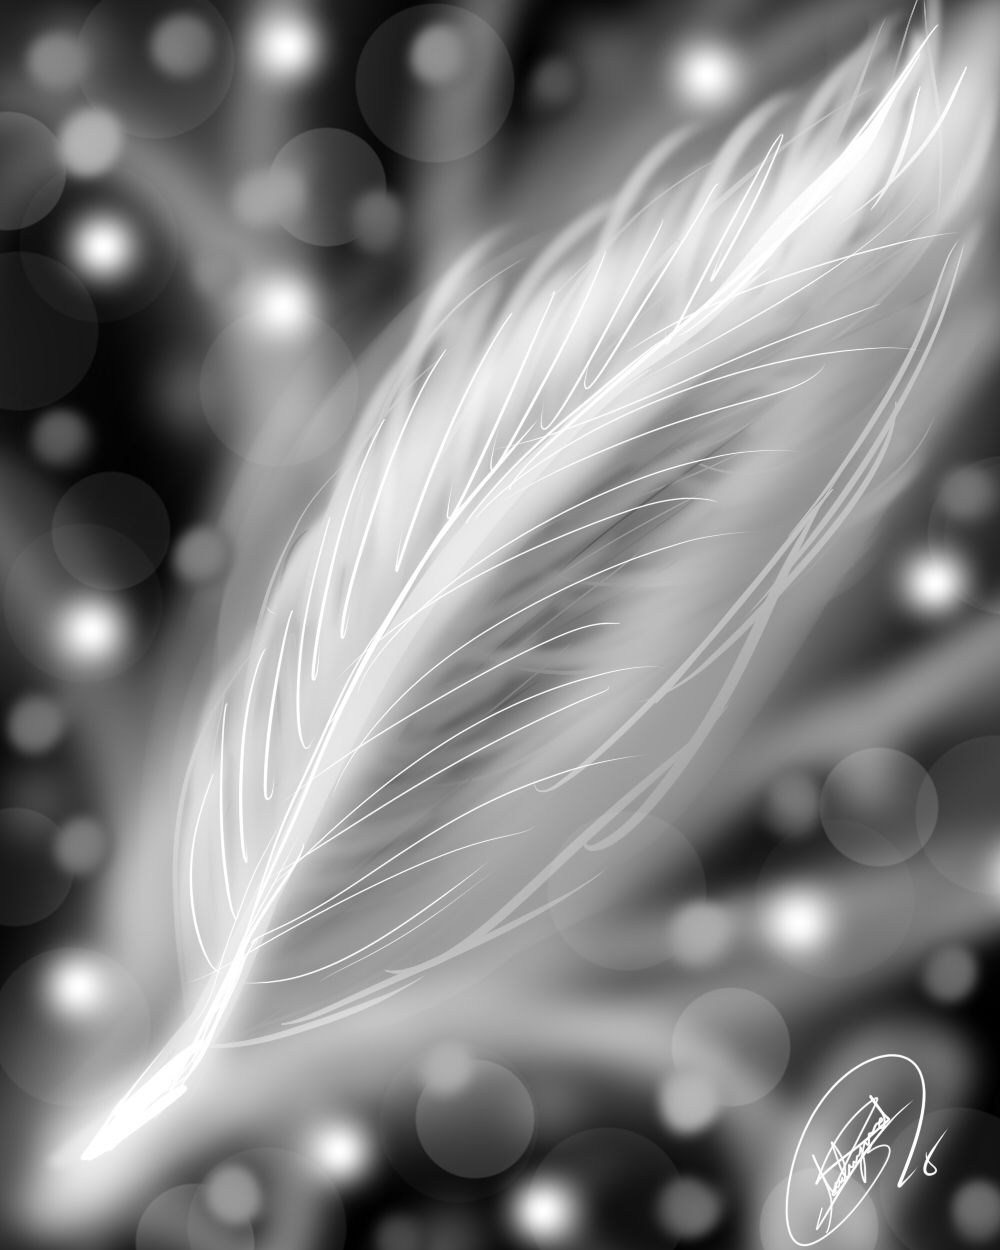 Diff rents messages silencieux d un ange gardien - Dessin d ange gardien ...